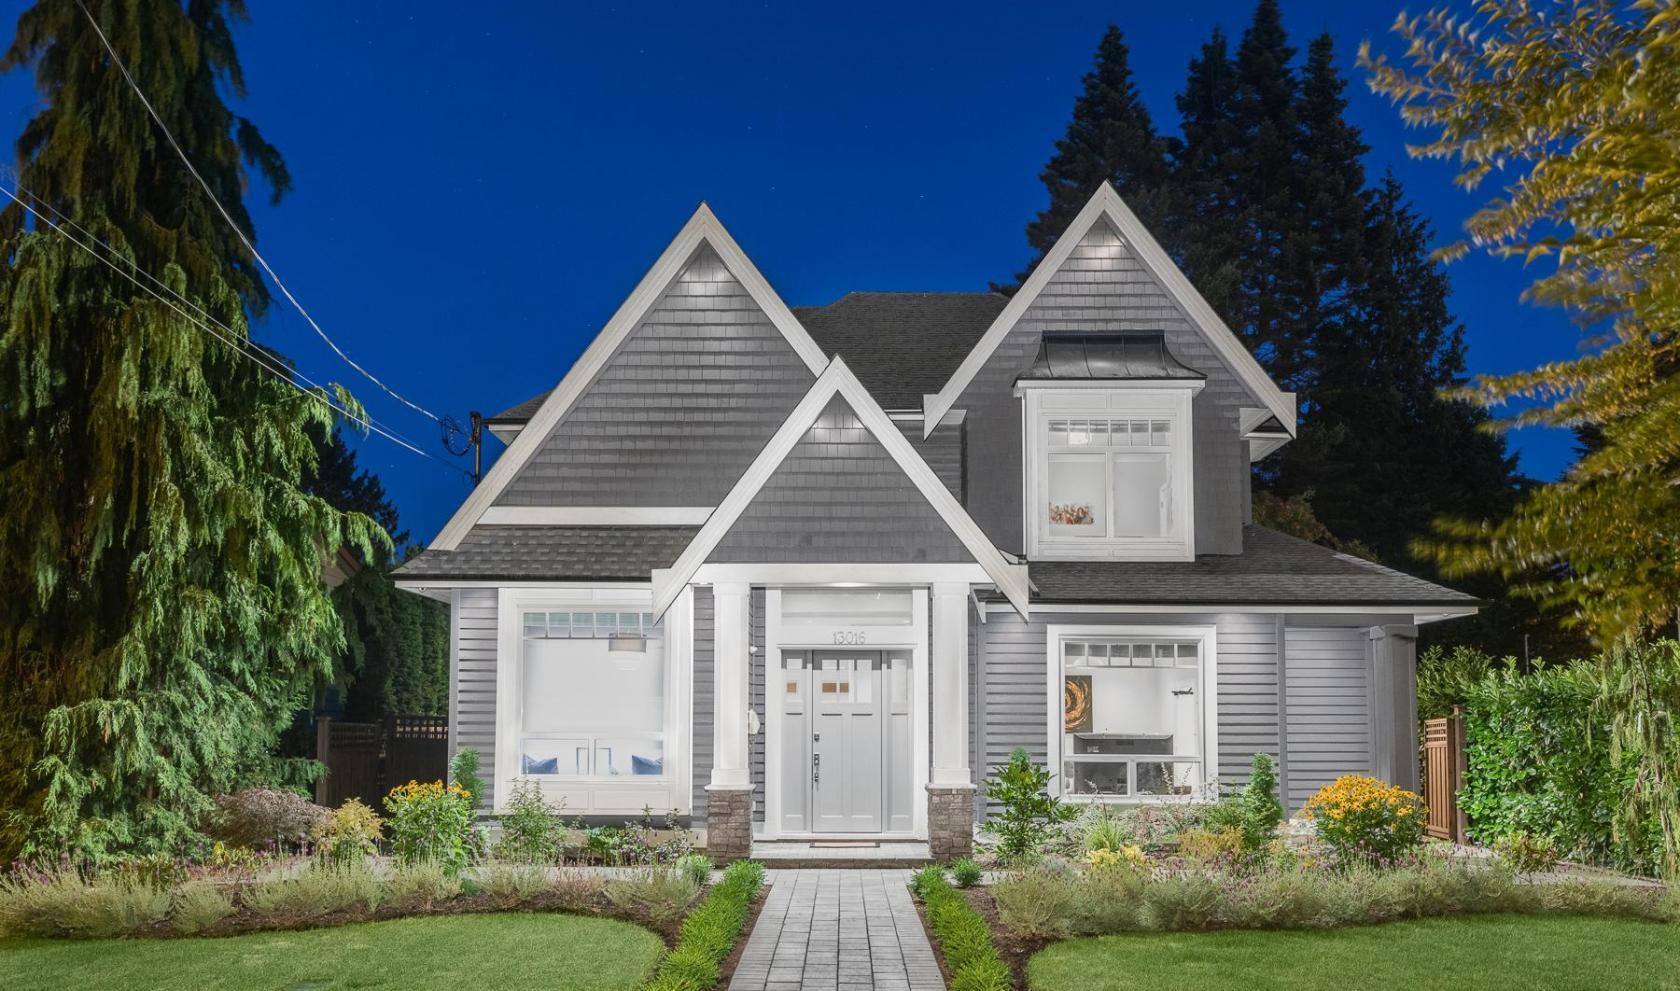 13016 15a Avenue, Crescent Bch Ocean Pk., South Surrey White Rock